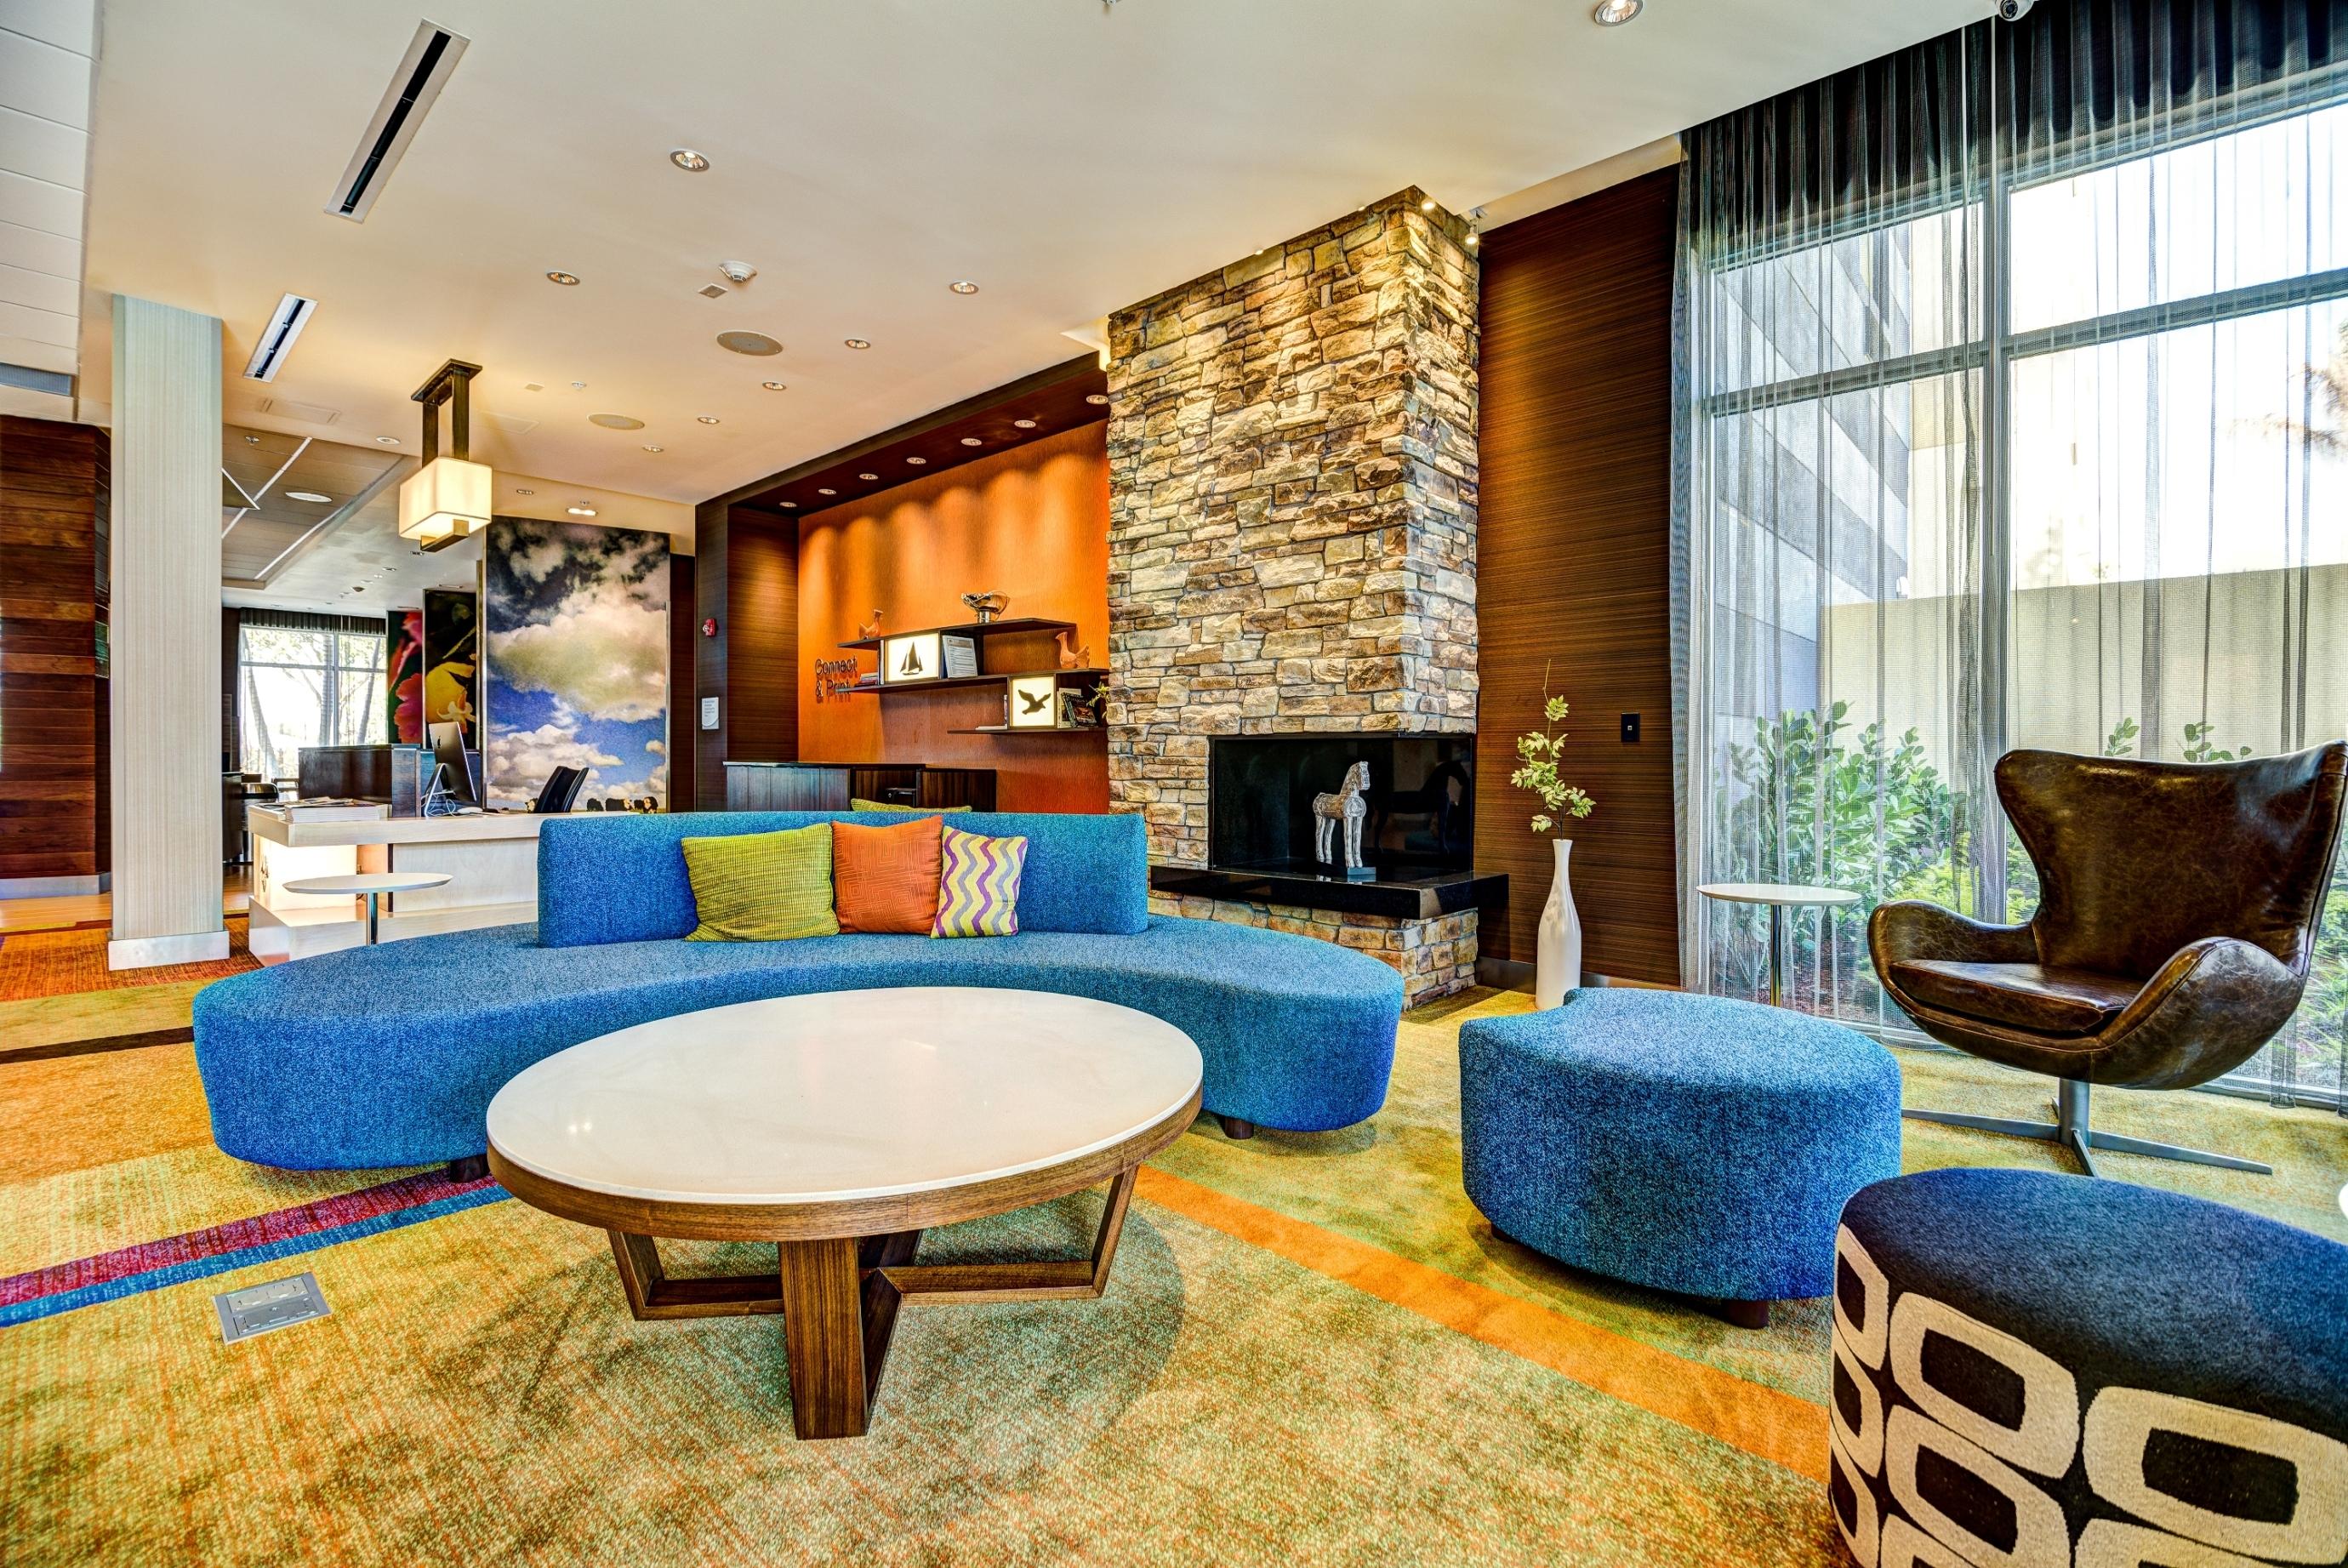 Fairfield Inn & Suites by Marriott Delray Beach I-95 image 5